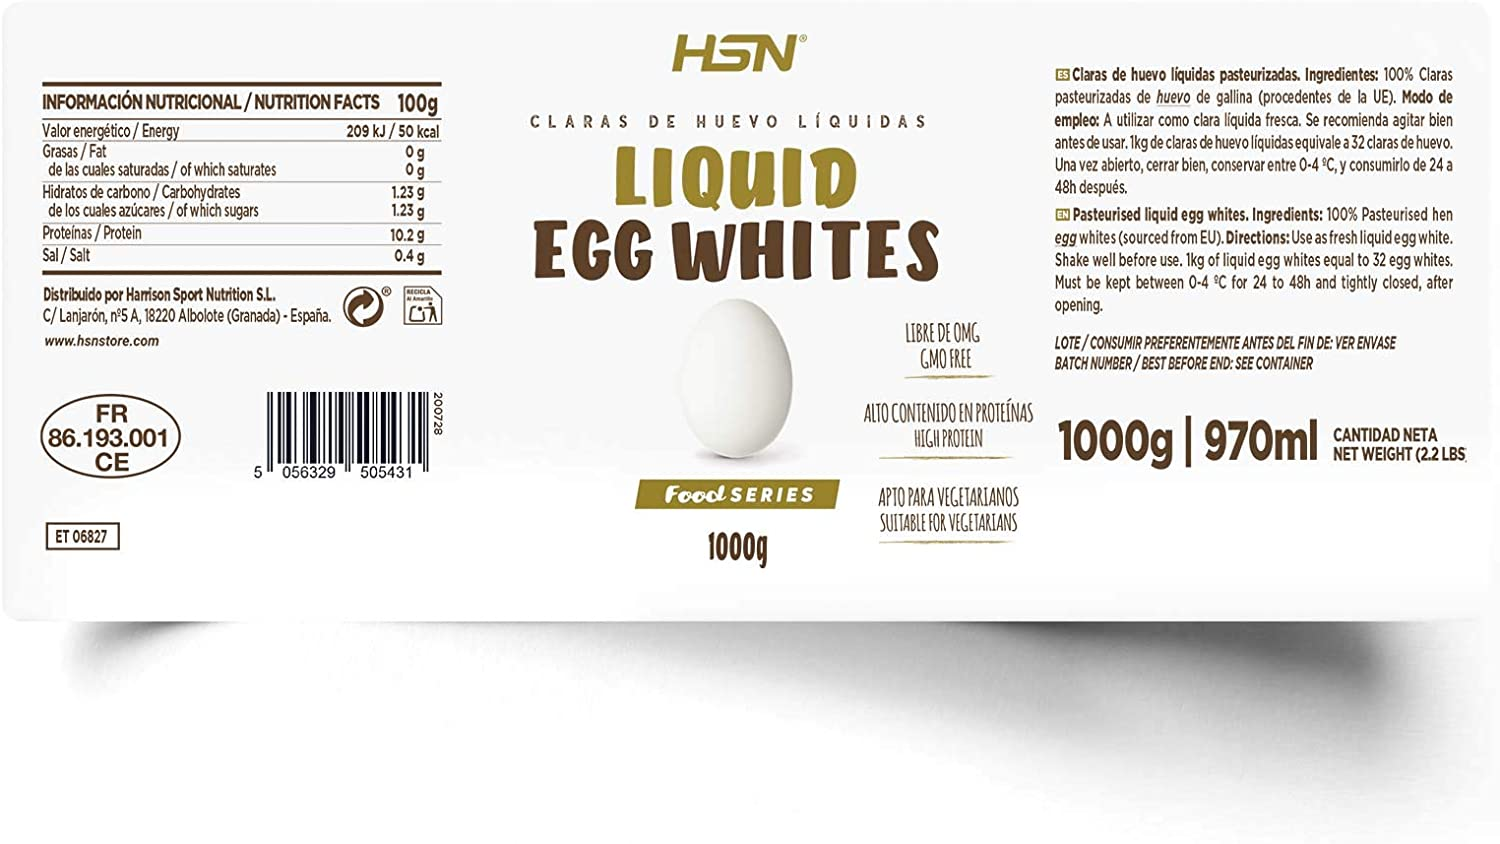 Claras de Huevo Líquida de HSN | 100% Proteína, 0% Grasa | Sin Refrigerar, Sin Aditivos | 1 Bote equivale a 32 claras pasteurizadas | Recetas de ...